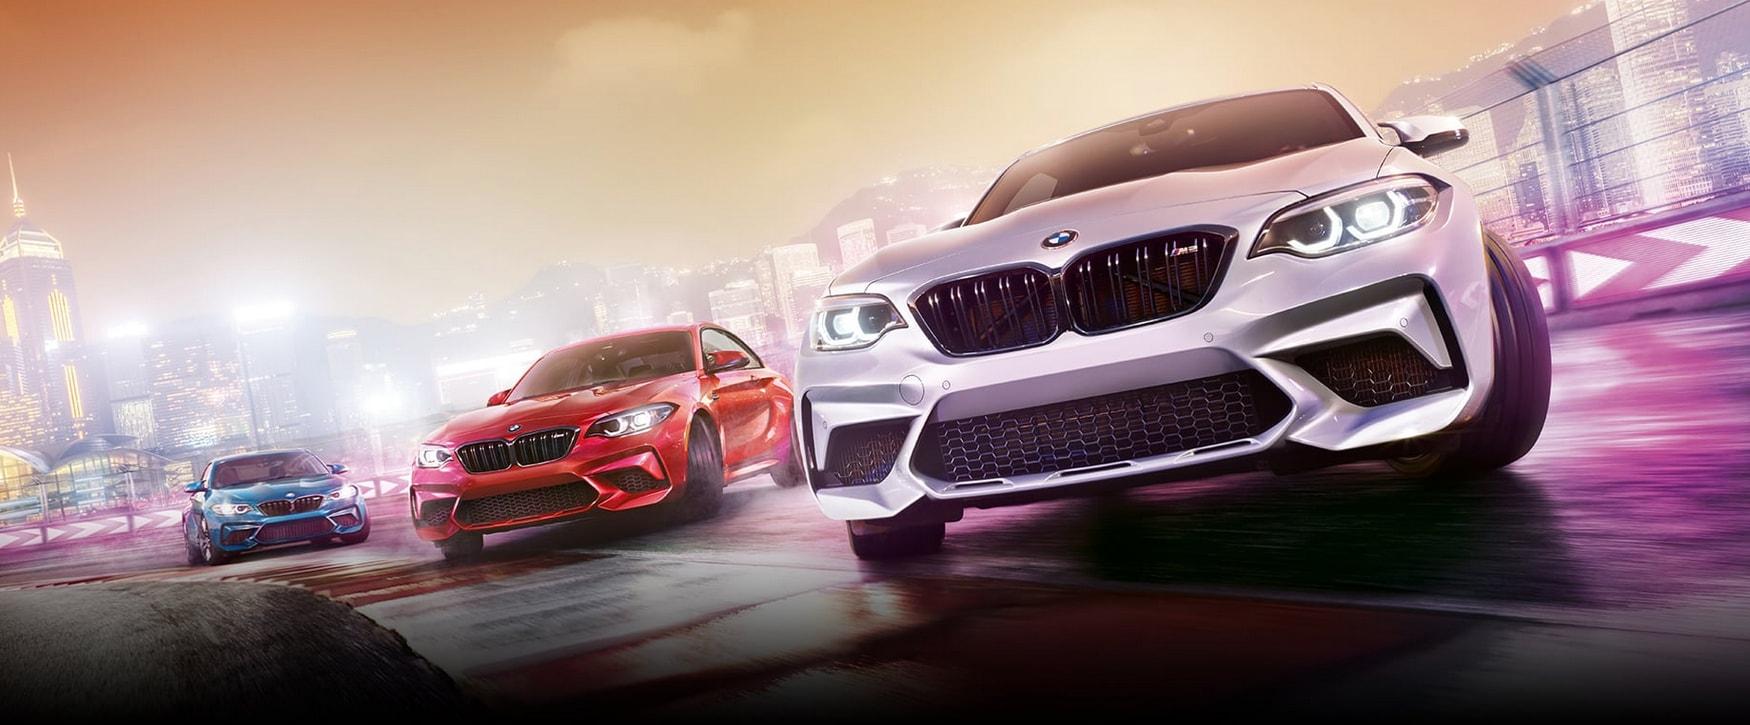 2021-2022 BMW V8 Models